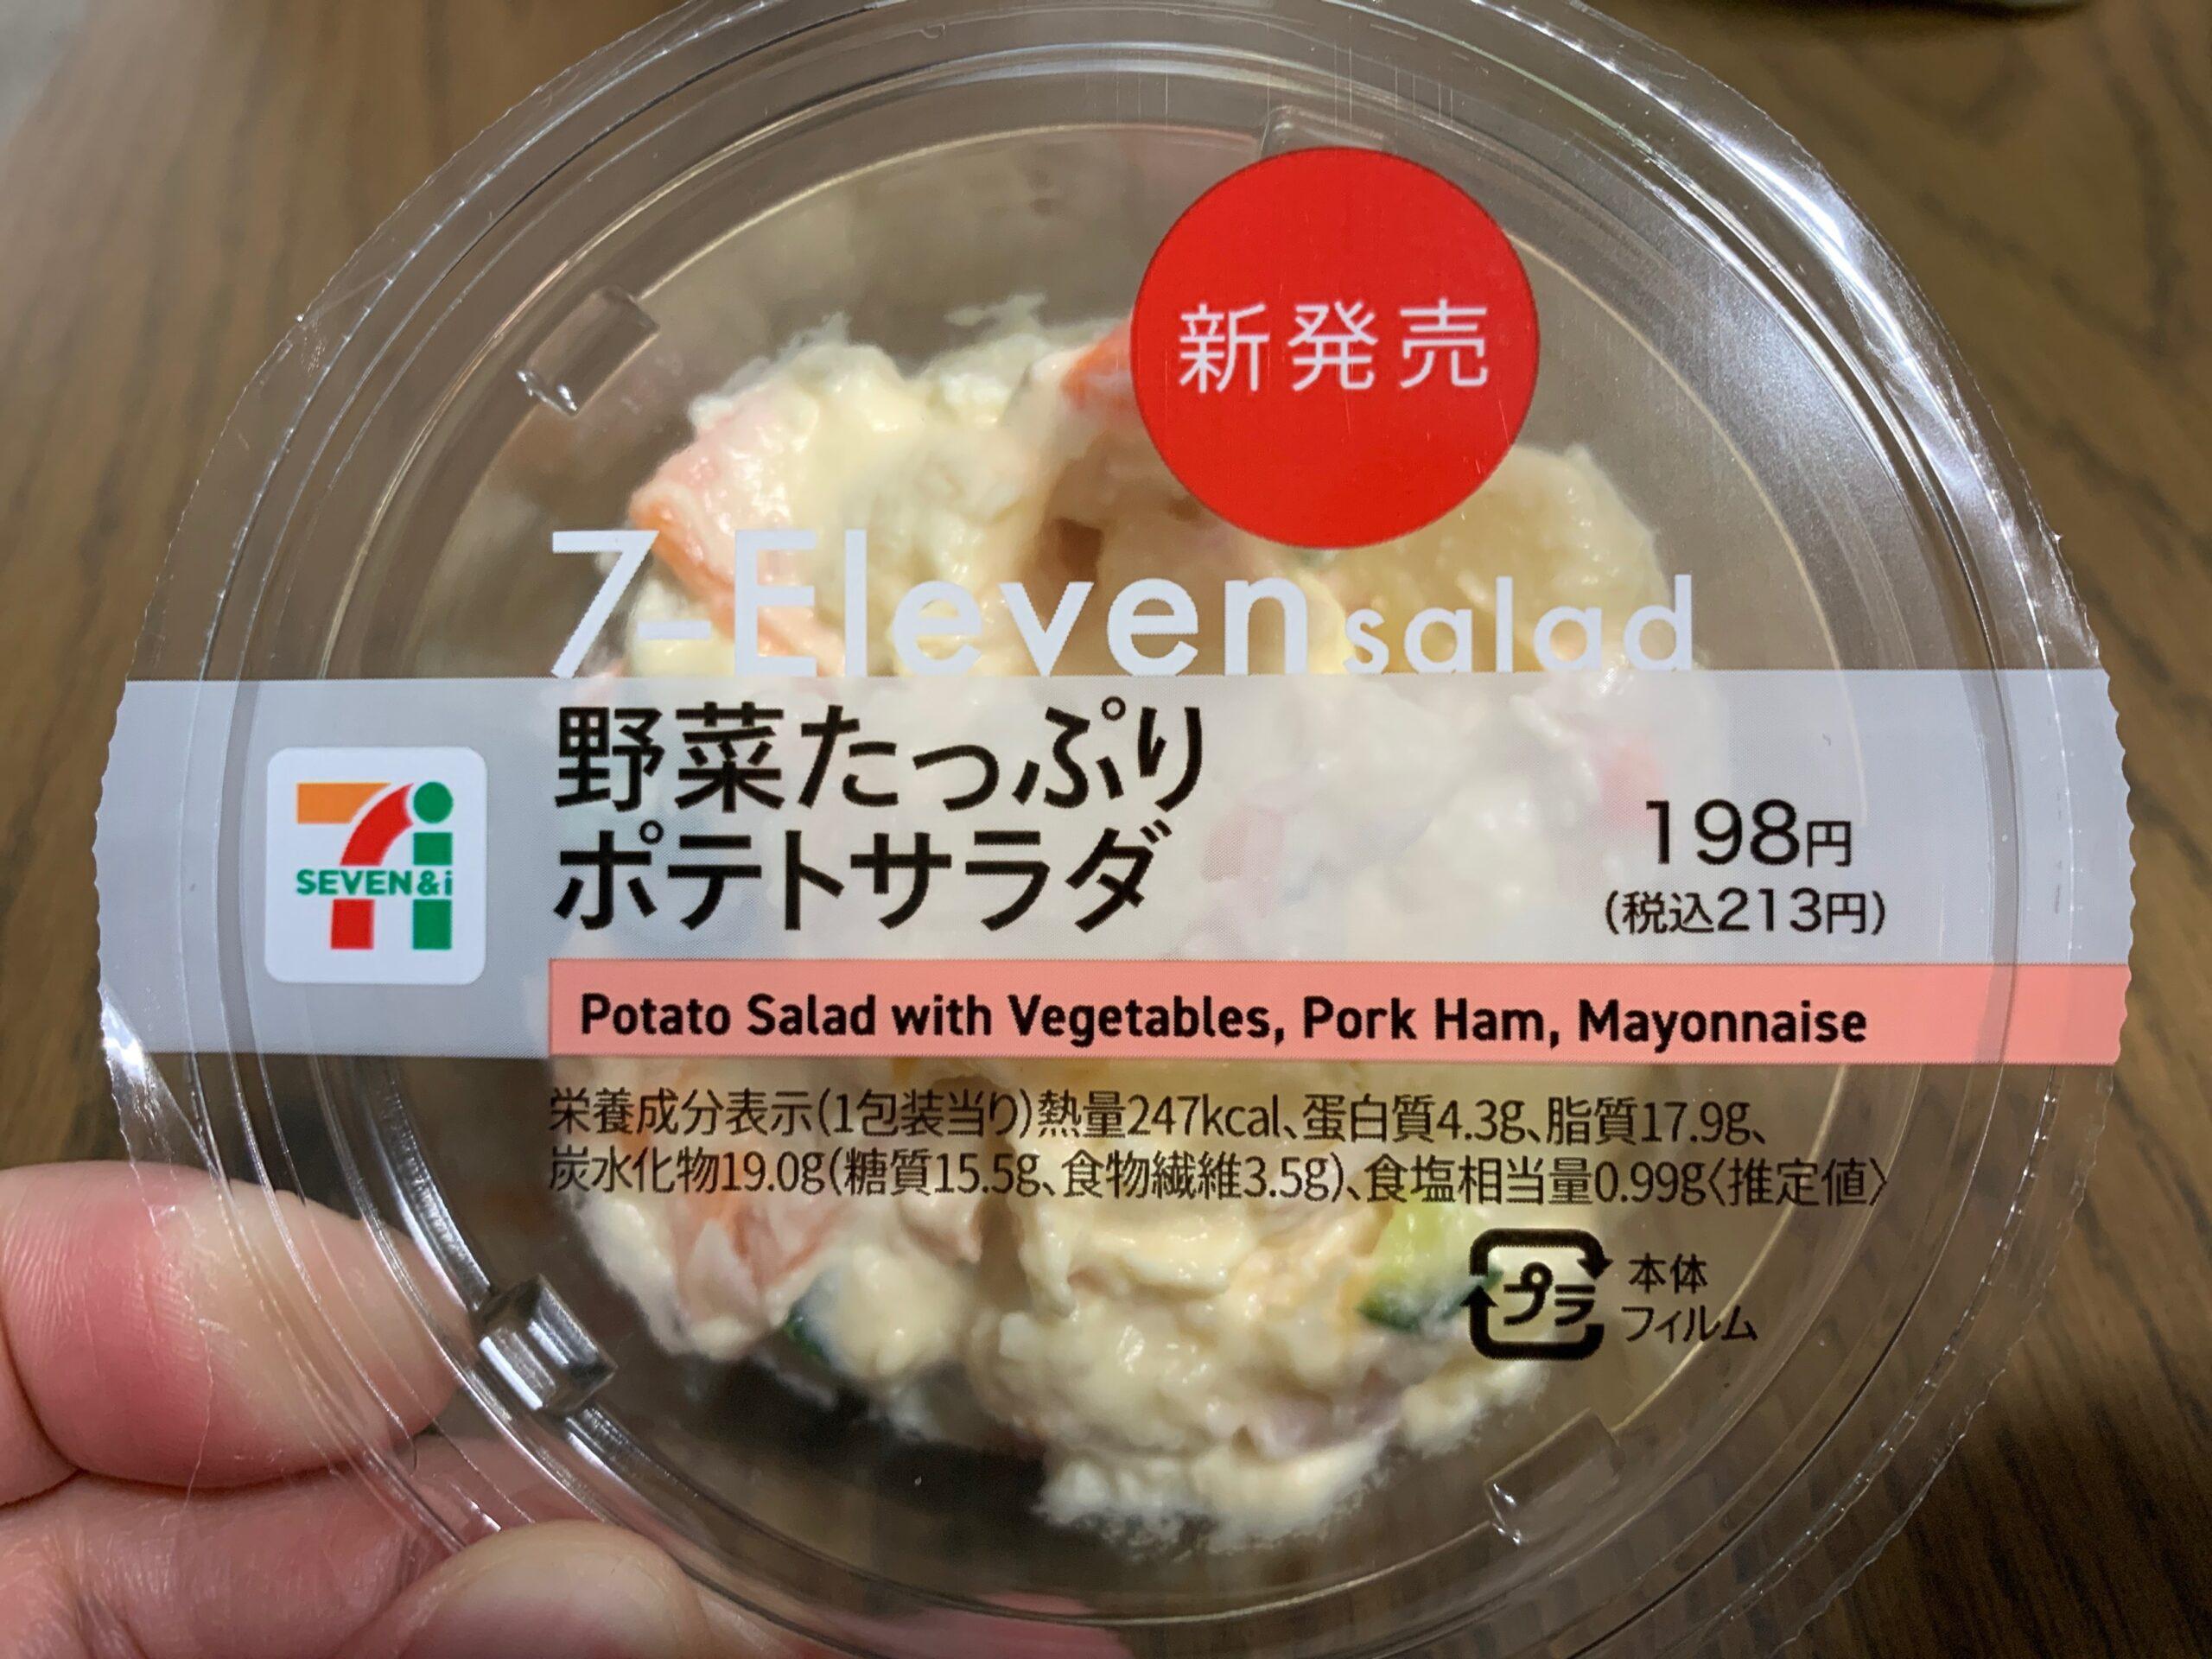 野菜たっぷりポテトサラダの値段